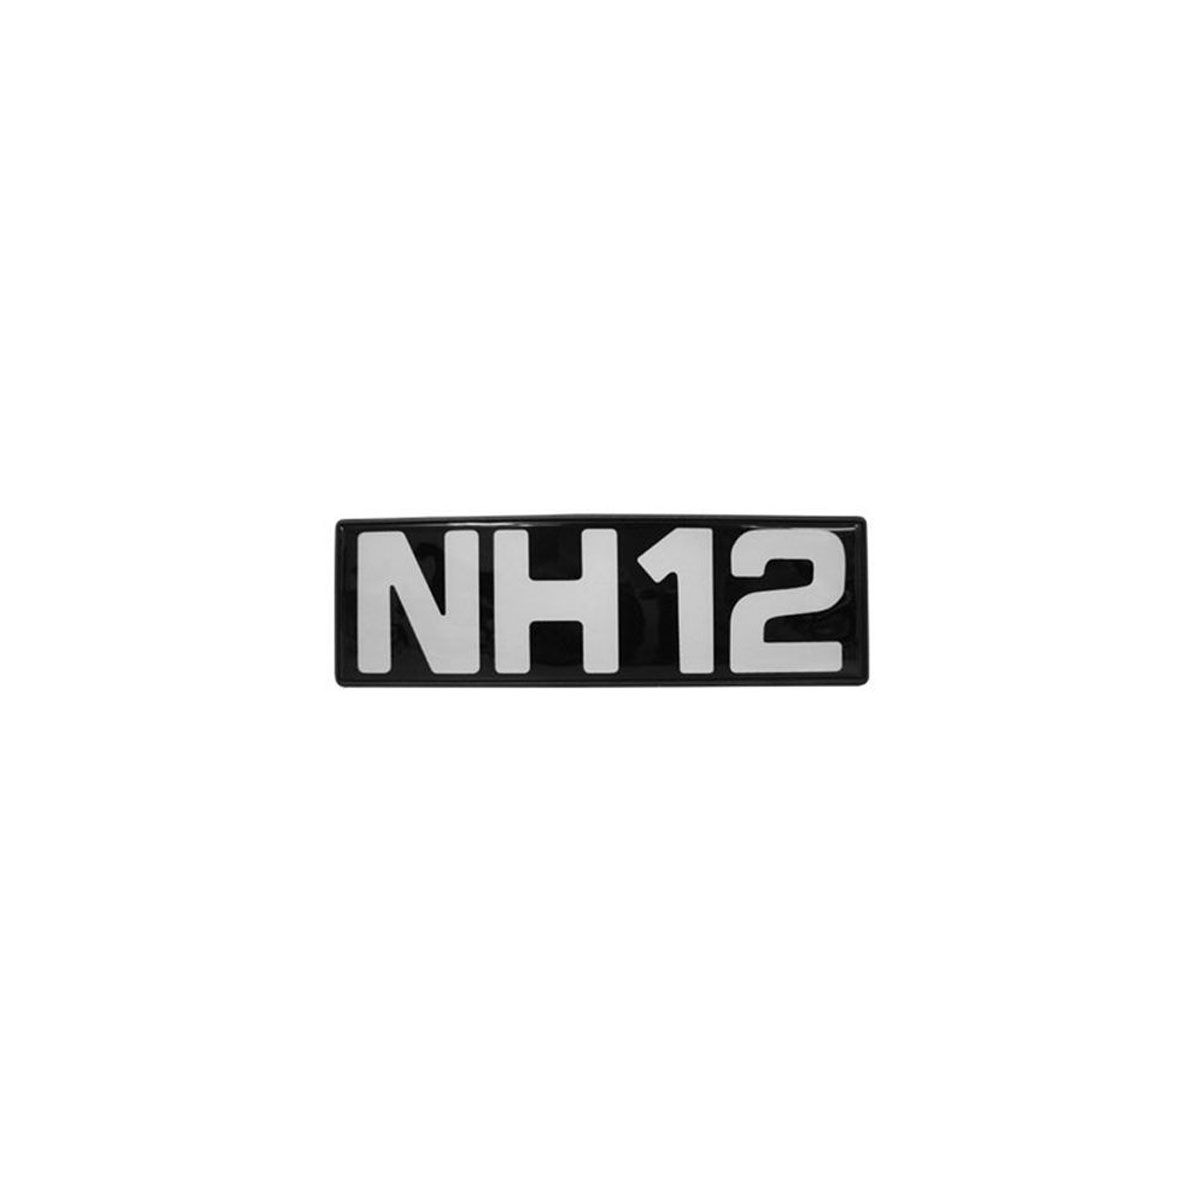 Emblema Frontal Volvo NH 12 8122325